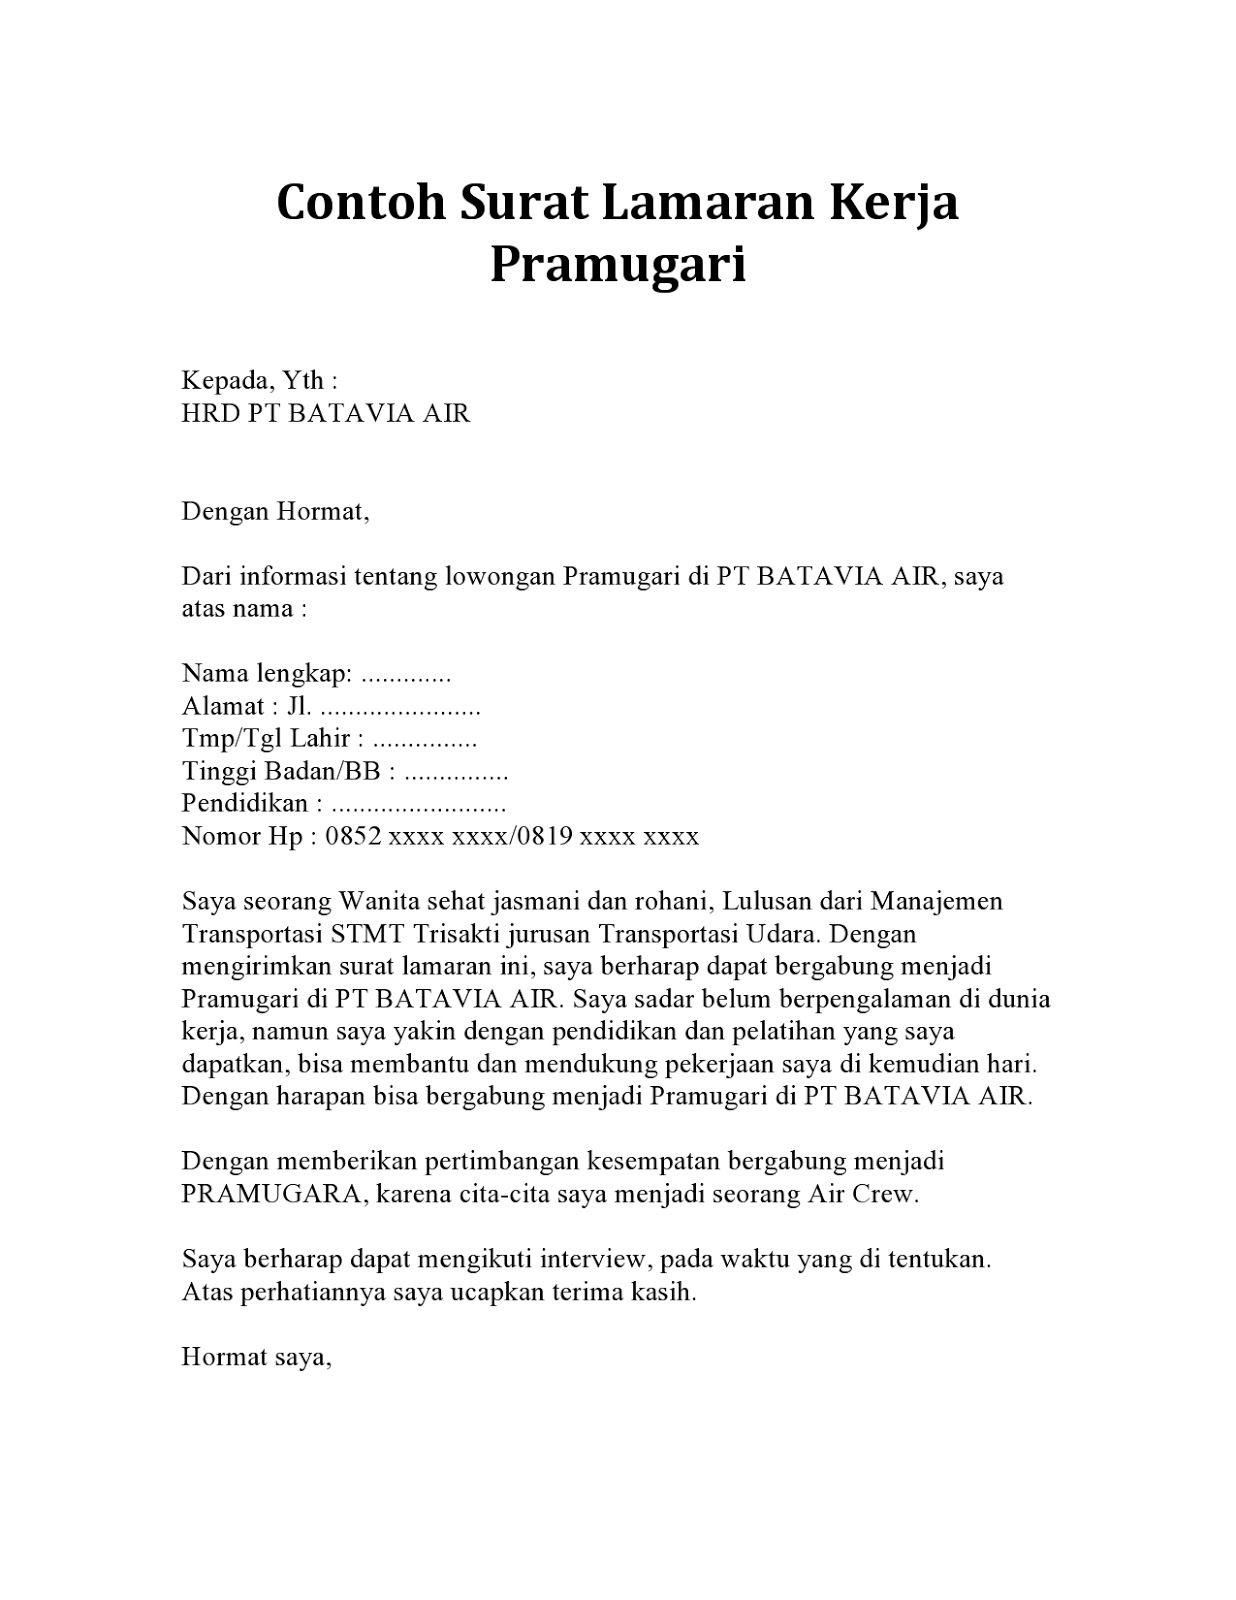 Surat Lamaran Kerja Pramugari ben jobs Pramugari, Surat